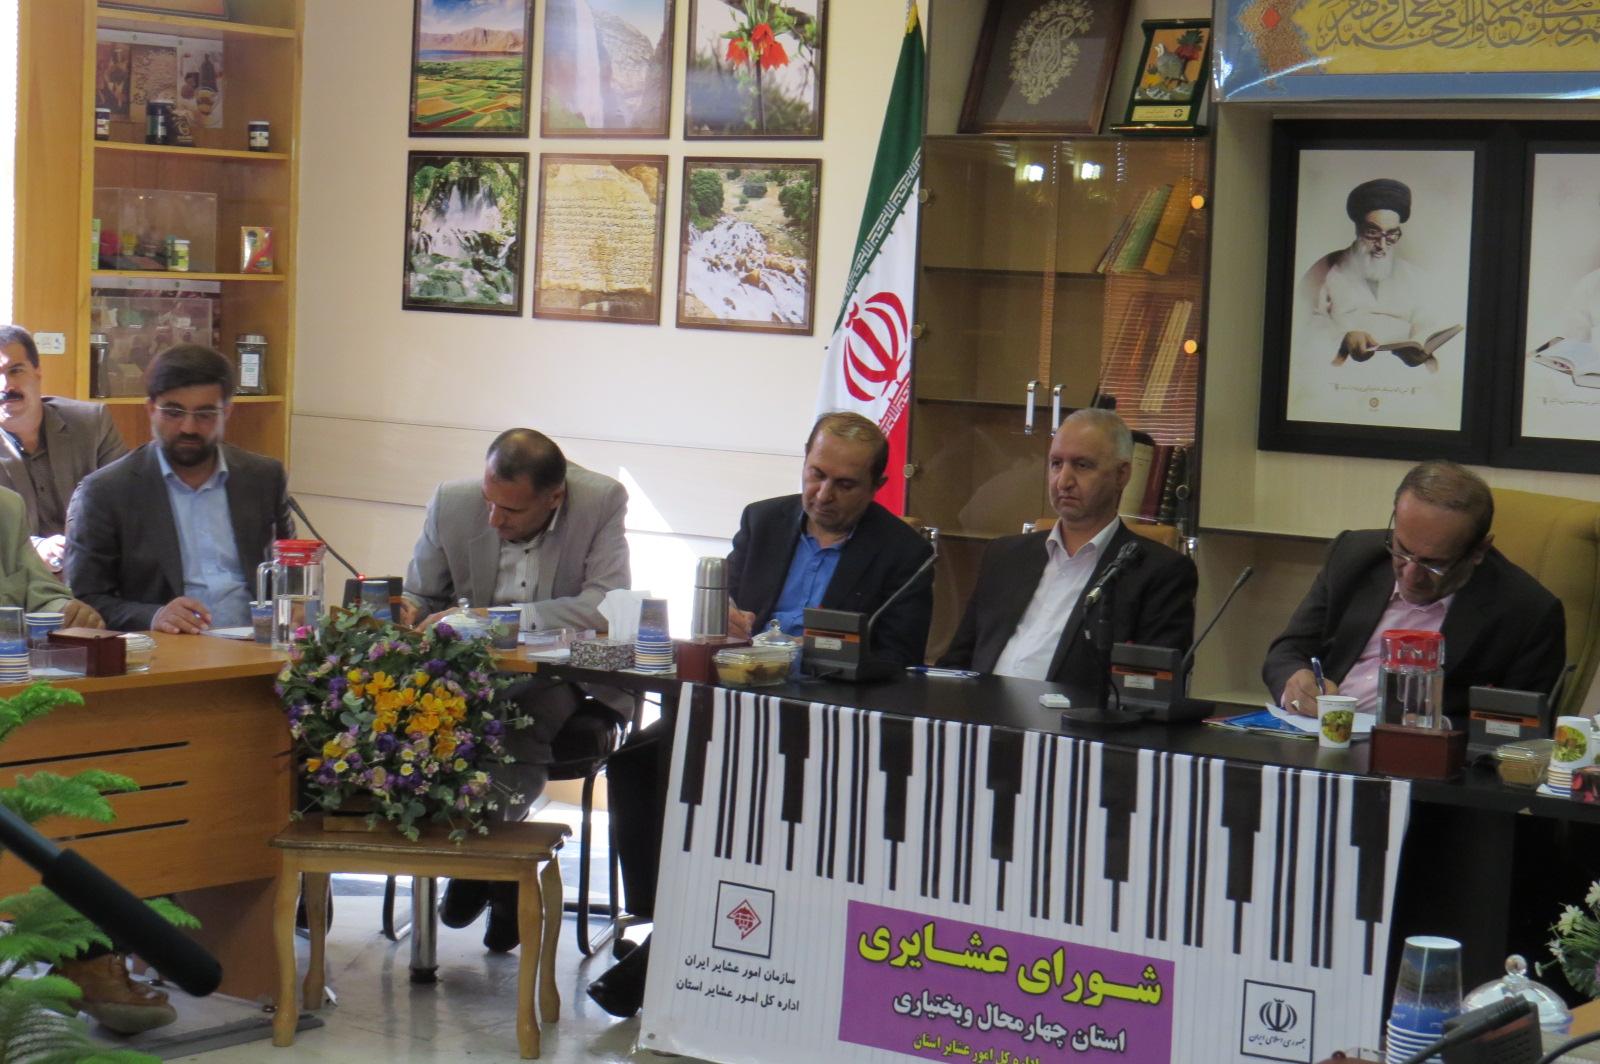 دستگاه های اجرایی استان در سال ۱۳۹۴ بیش از ۲۶۳ میلیارد ریال در مناطق عشایری استان خدمات رسانی کرده اند